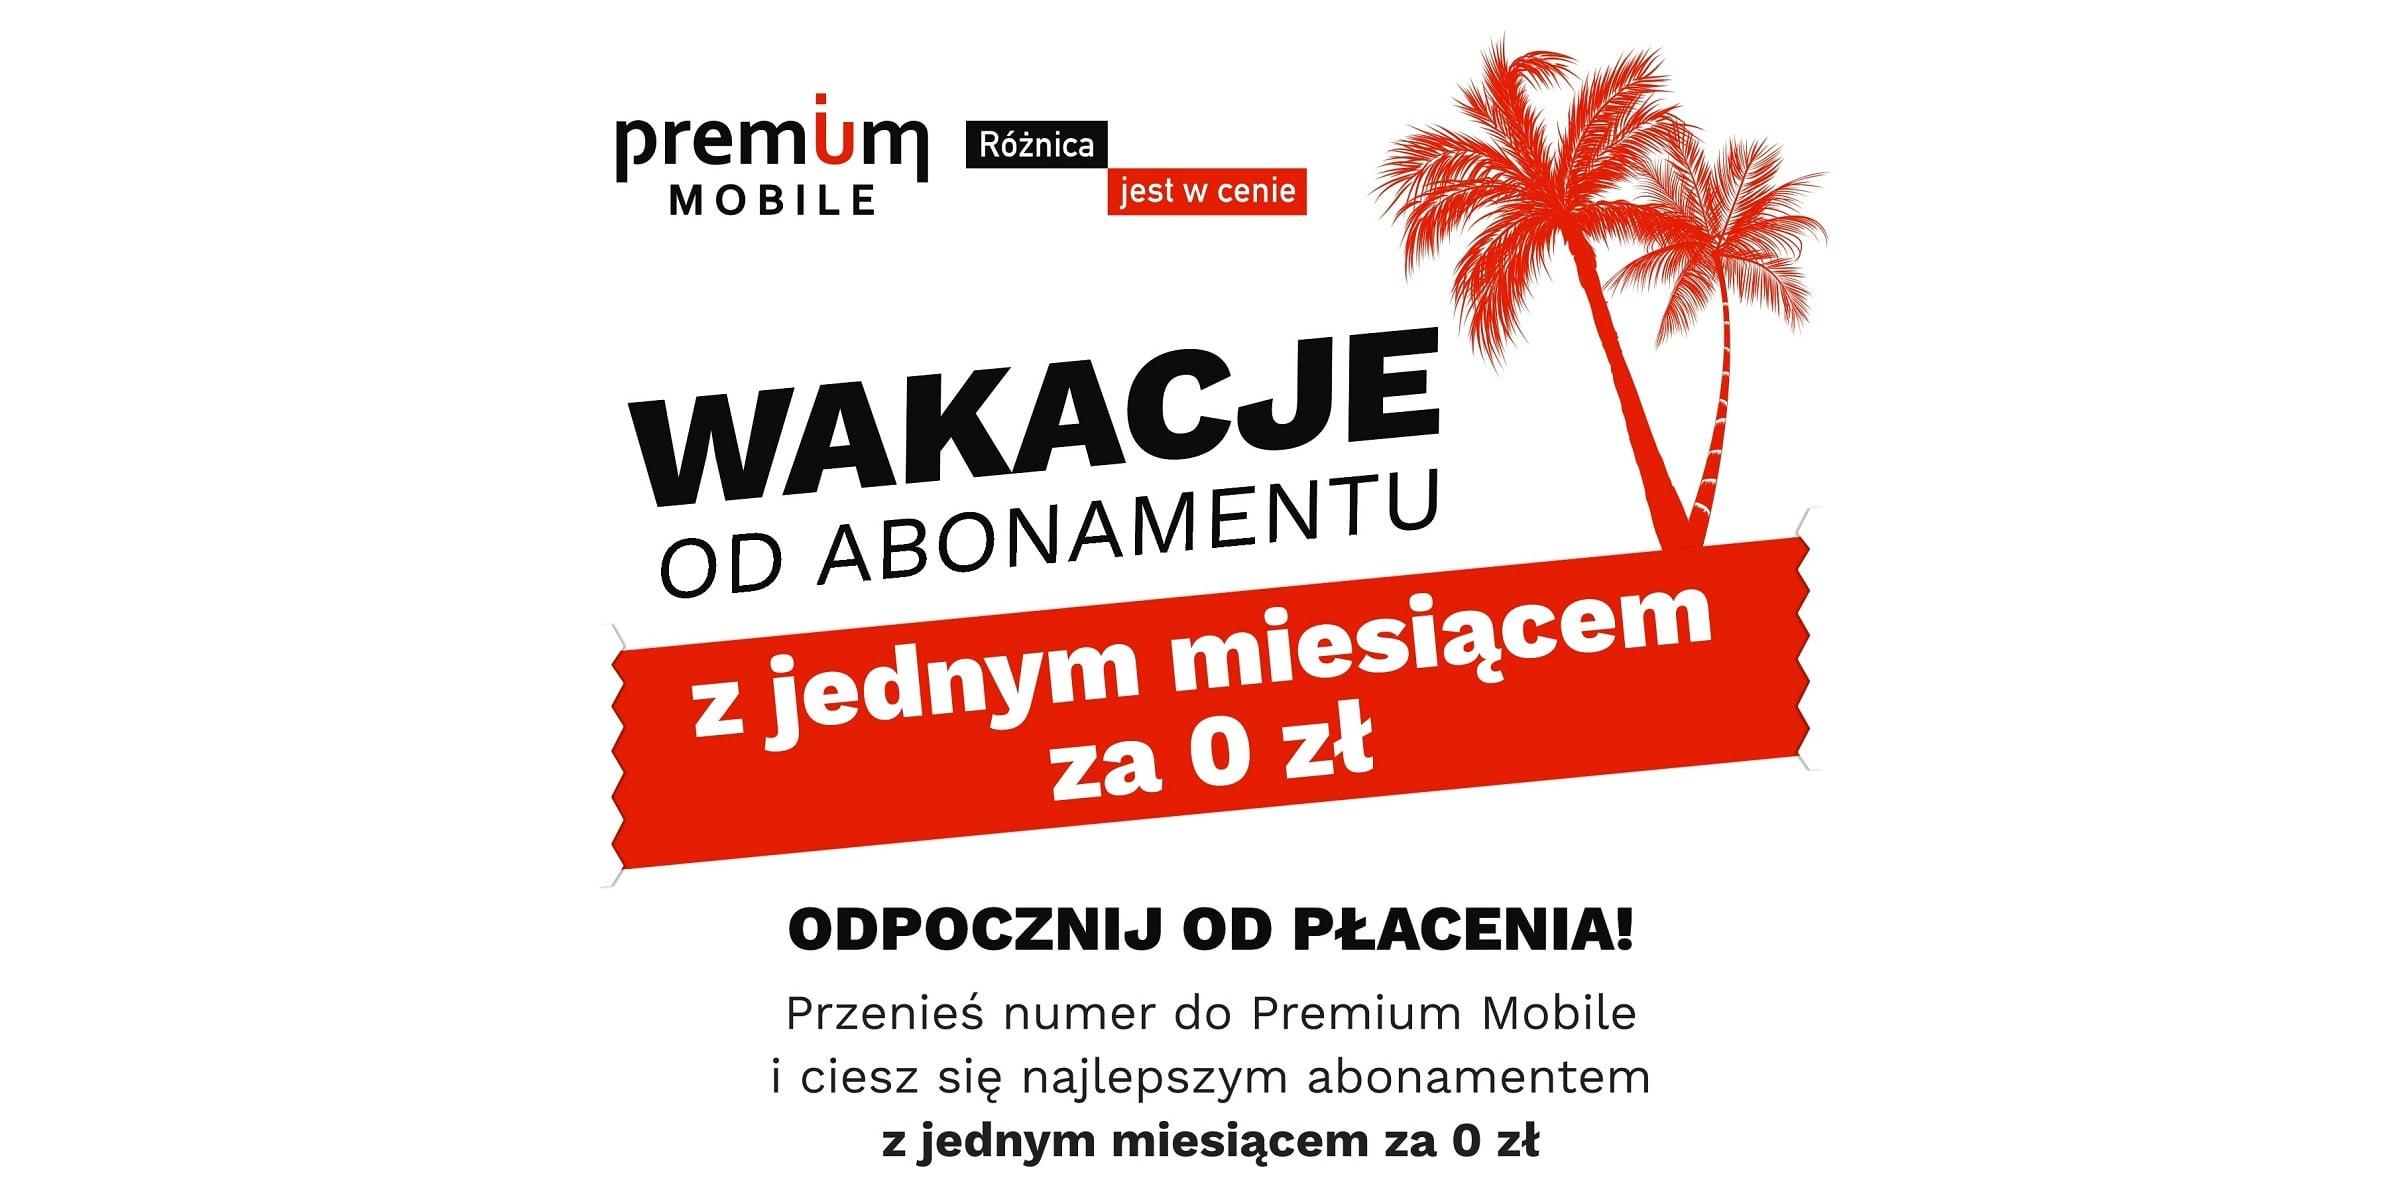 Nowi klienci Premium Mobile nic nie zapłacą za pierwszy miesiąc, ale pod warunkiem, że przeniosą swój numer 16